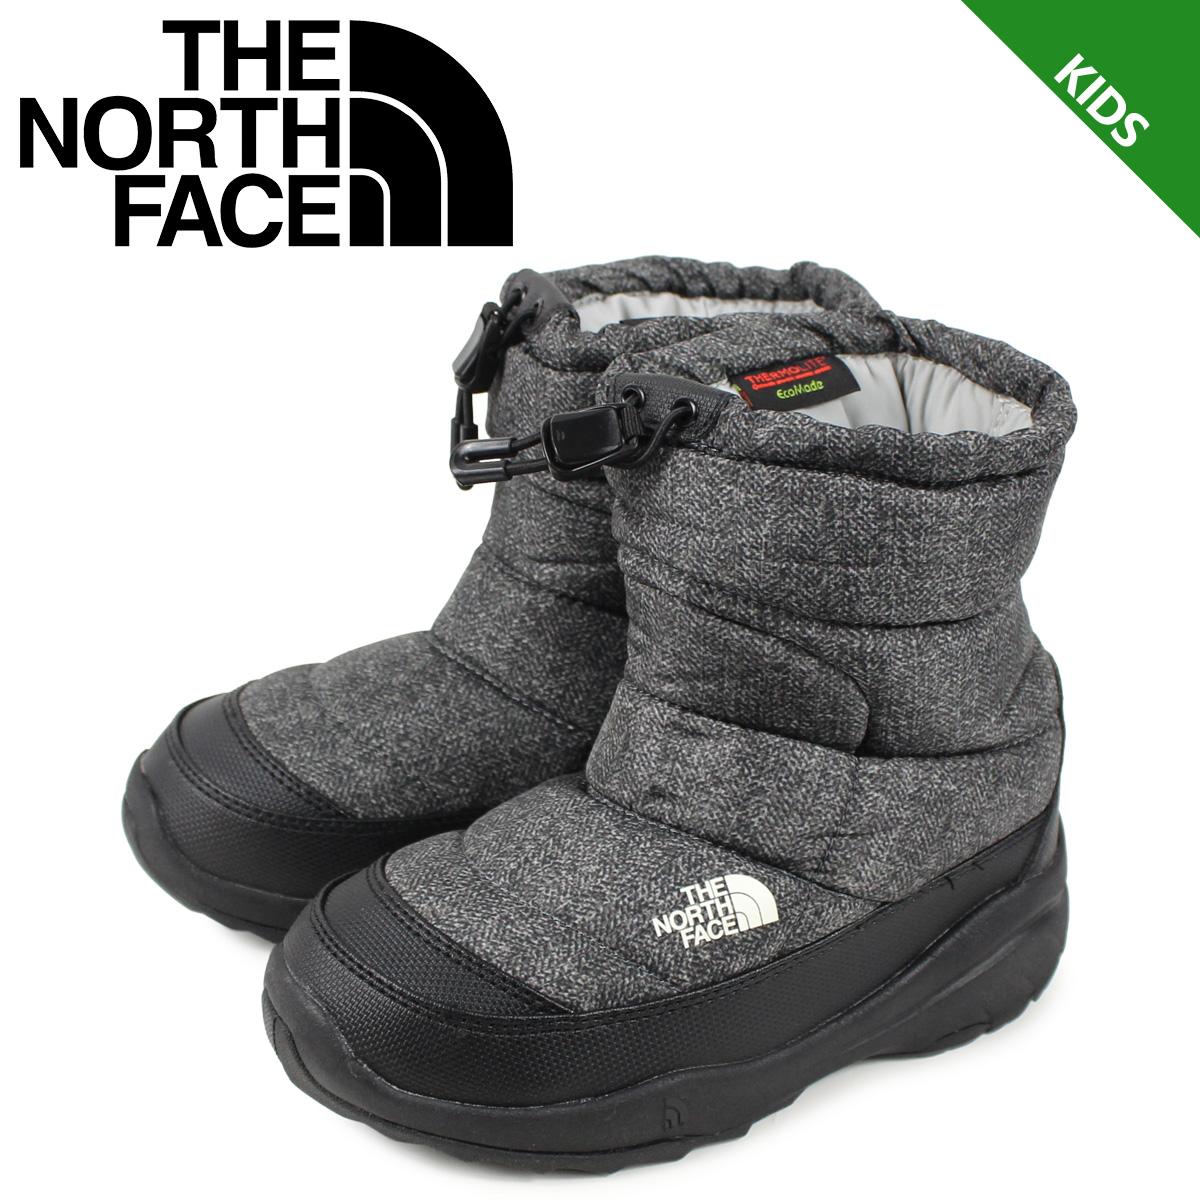 ノースフェイス THE NORTH FACE ヌプシ ブーティー ウォータープルーフ ブーツ キッズ K NUPTSE BOOTIE WP チャコール グレー NFJ51980